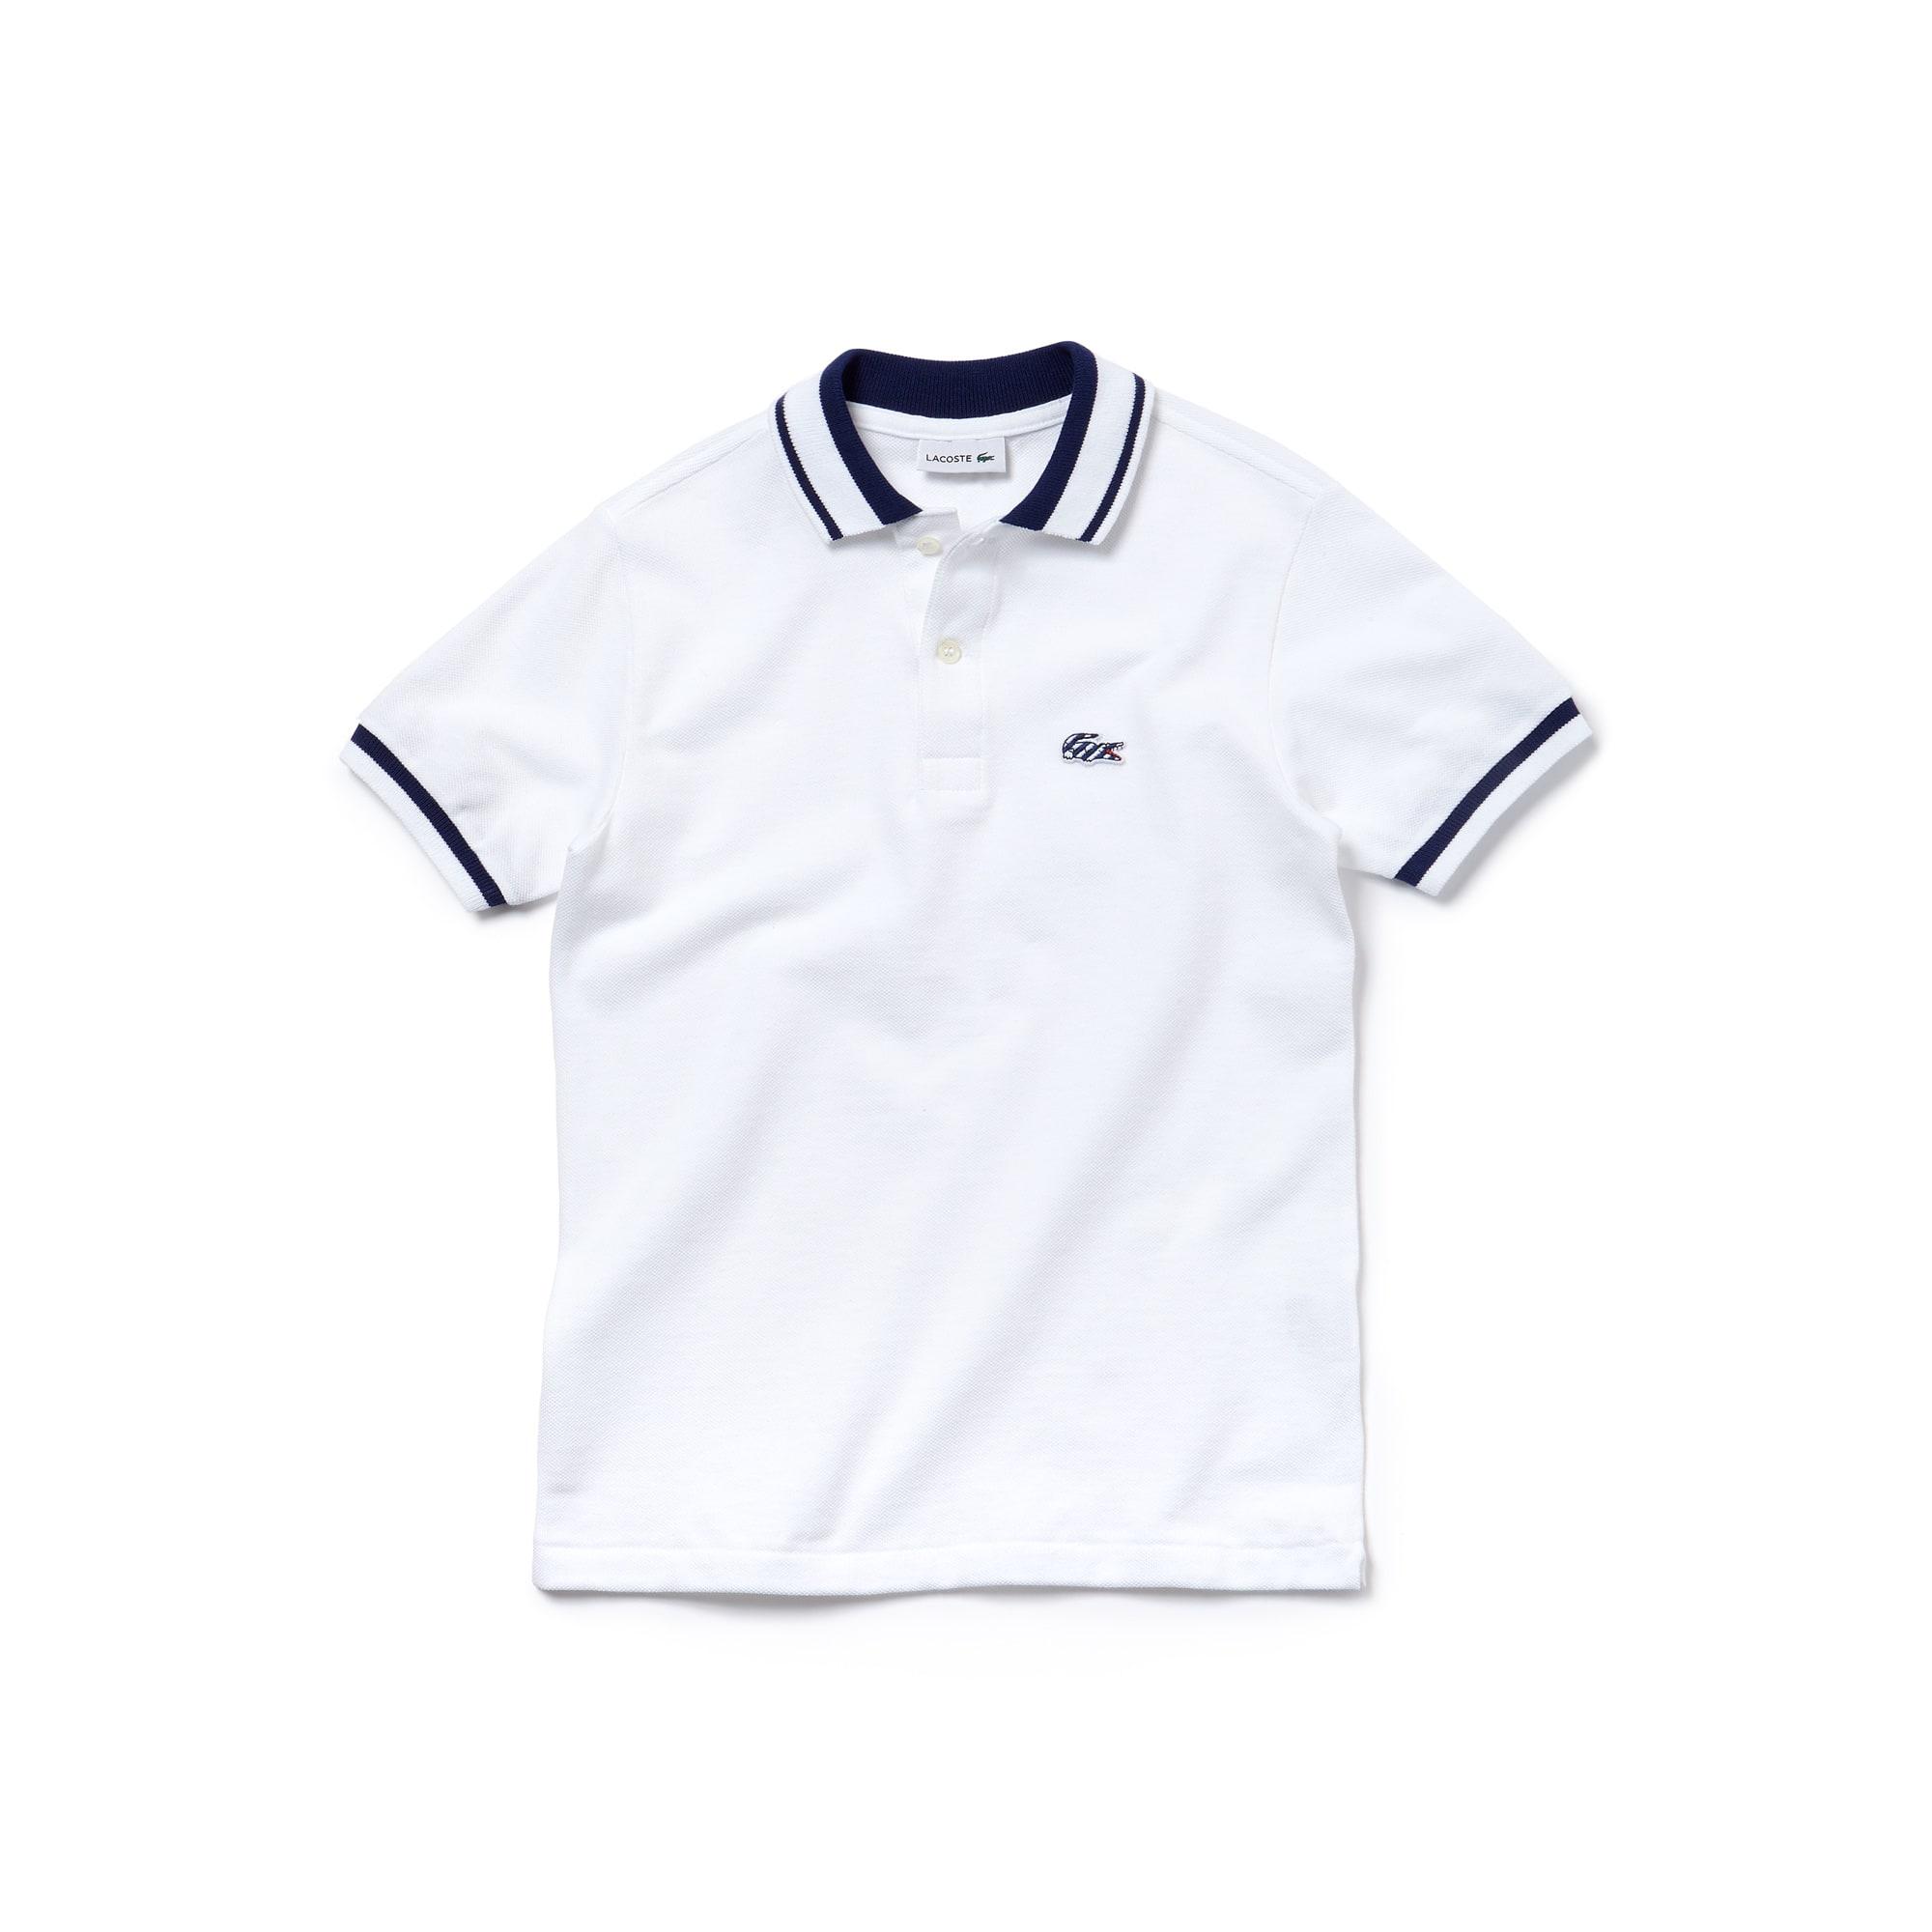 ClassicFit Lacoste-Kinder-Polo aus feinem Vollzwirn-Piqué